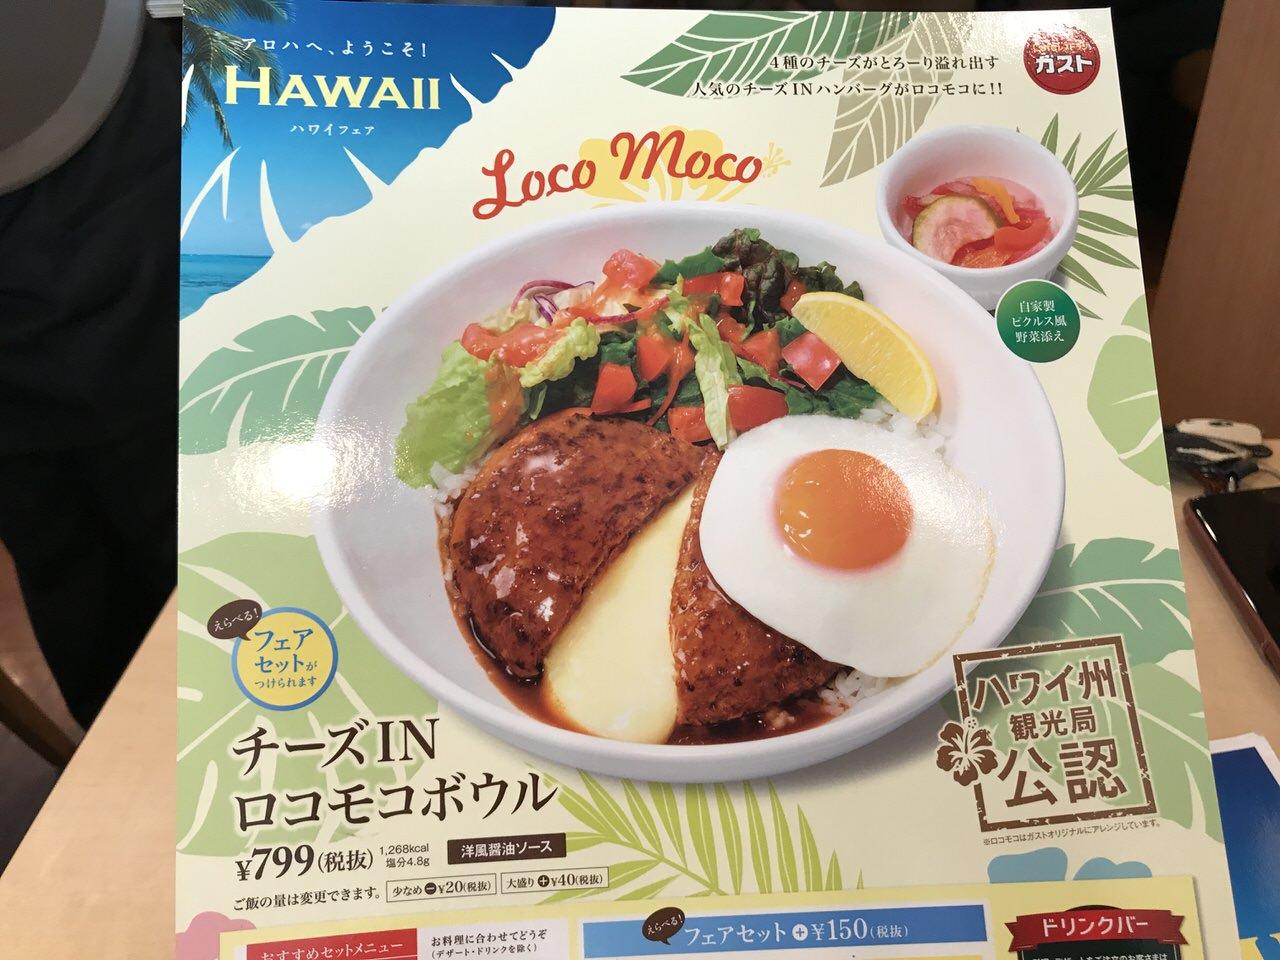 Hawaii 4550